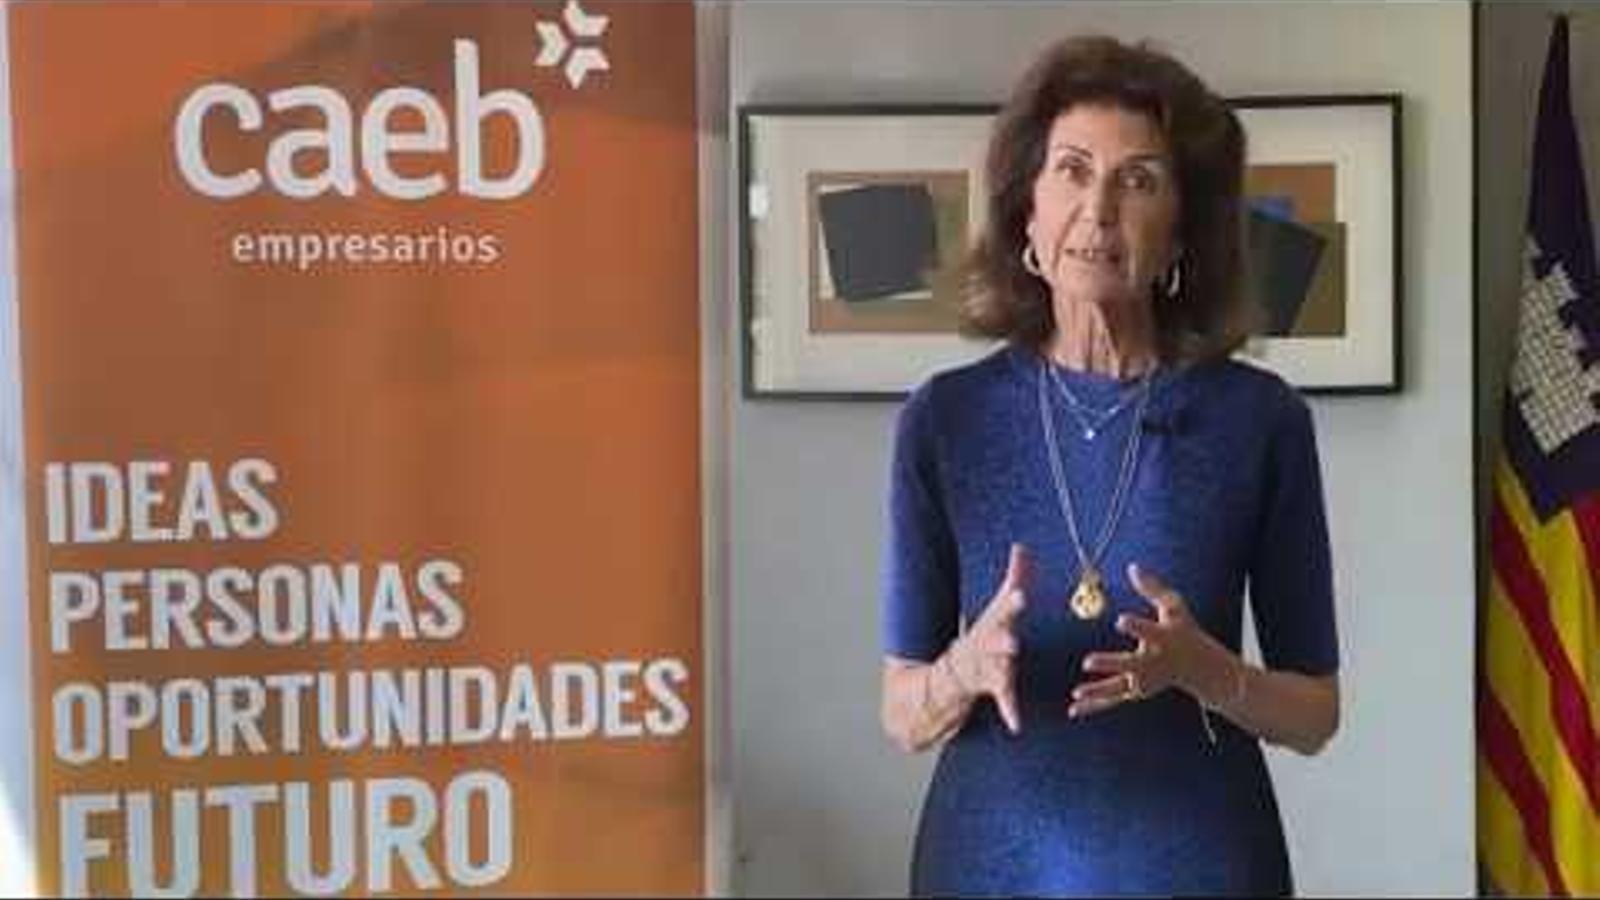 El missatge que llança Carmen Planas